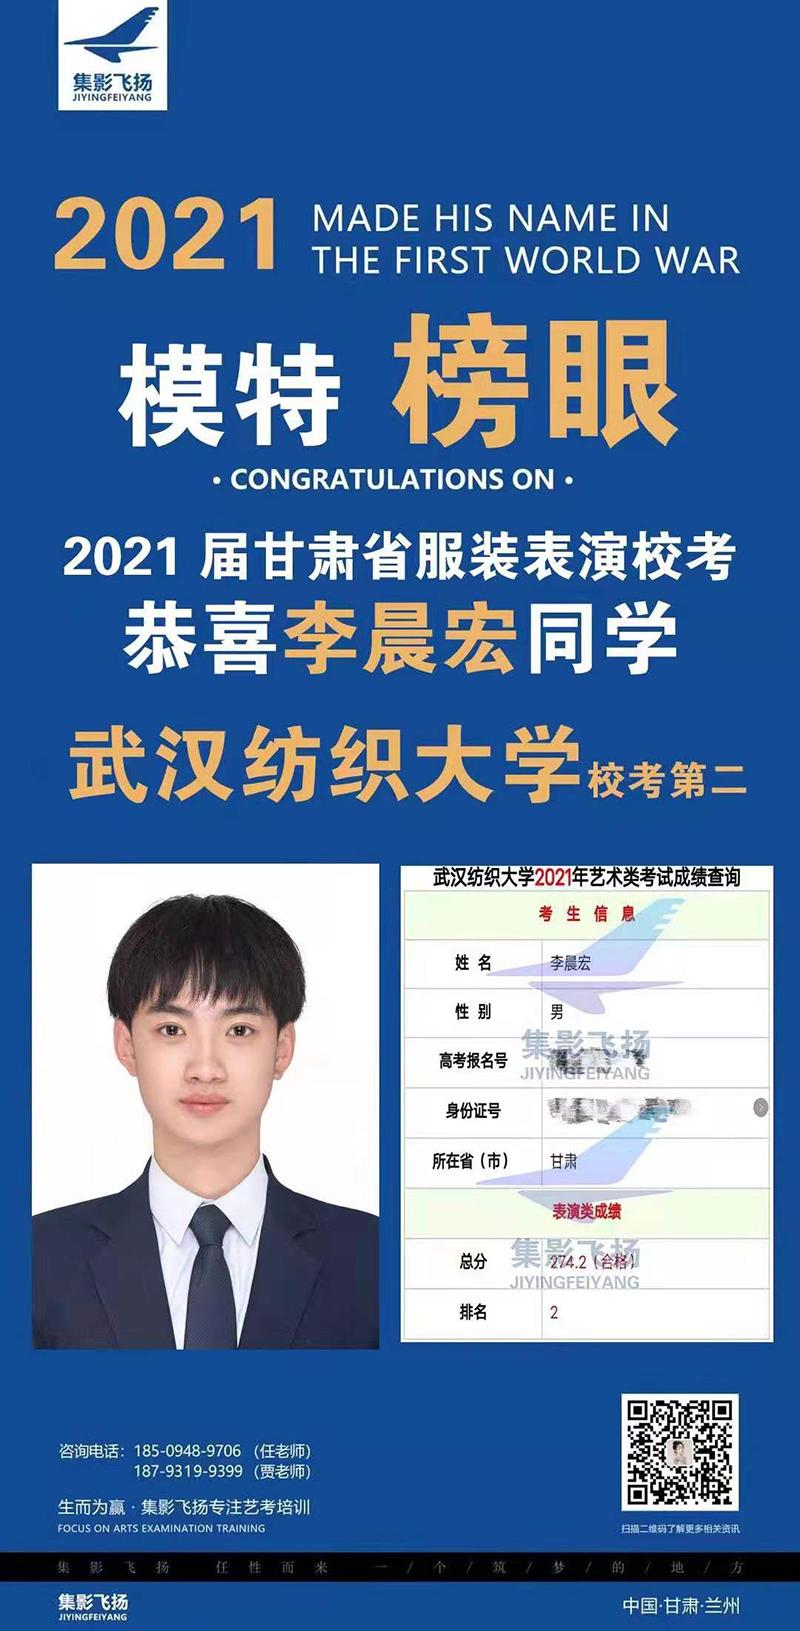 2021届李晨宏同学斩获武汉纺织大学校考第2名